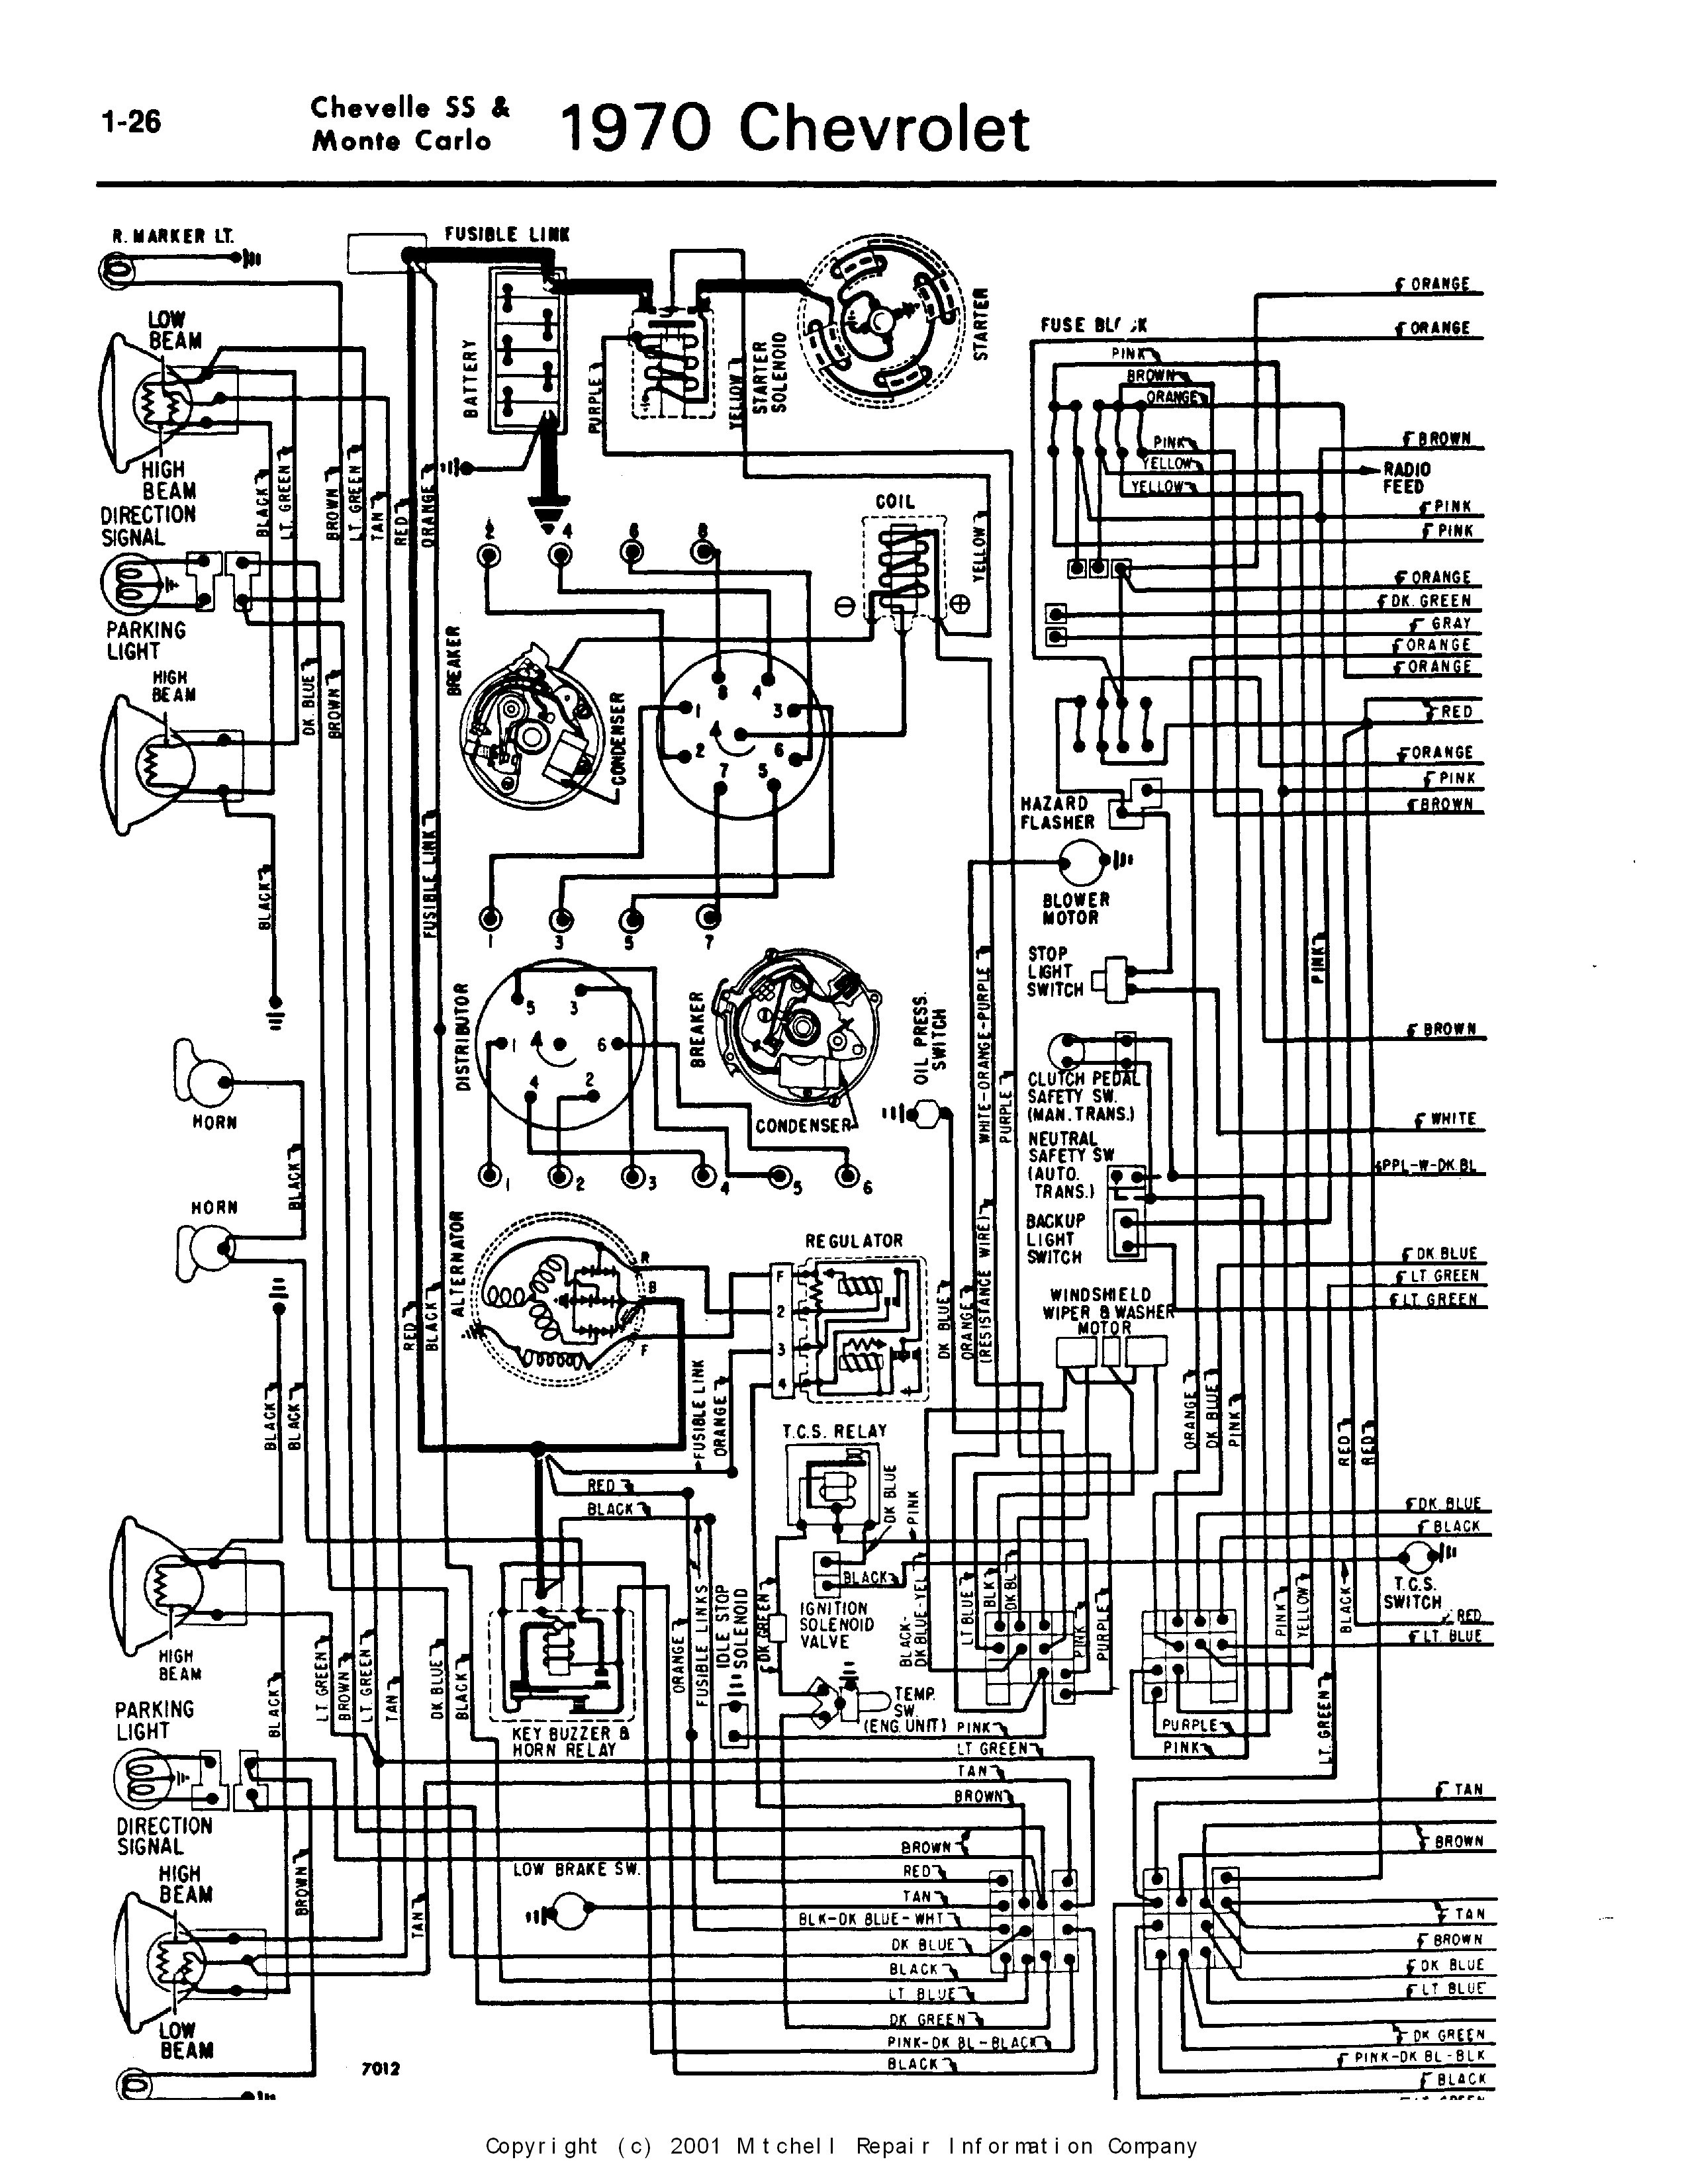 1970 Camaro Wiring Harness Diagram Wiring Diagrams Explo